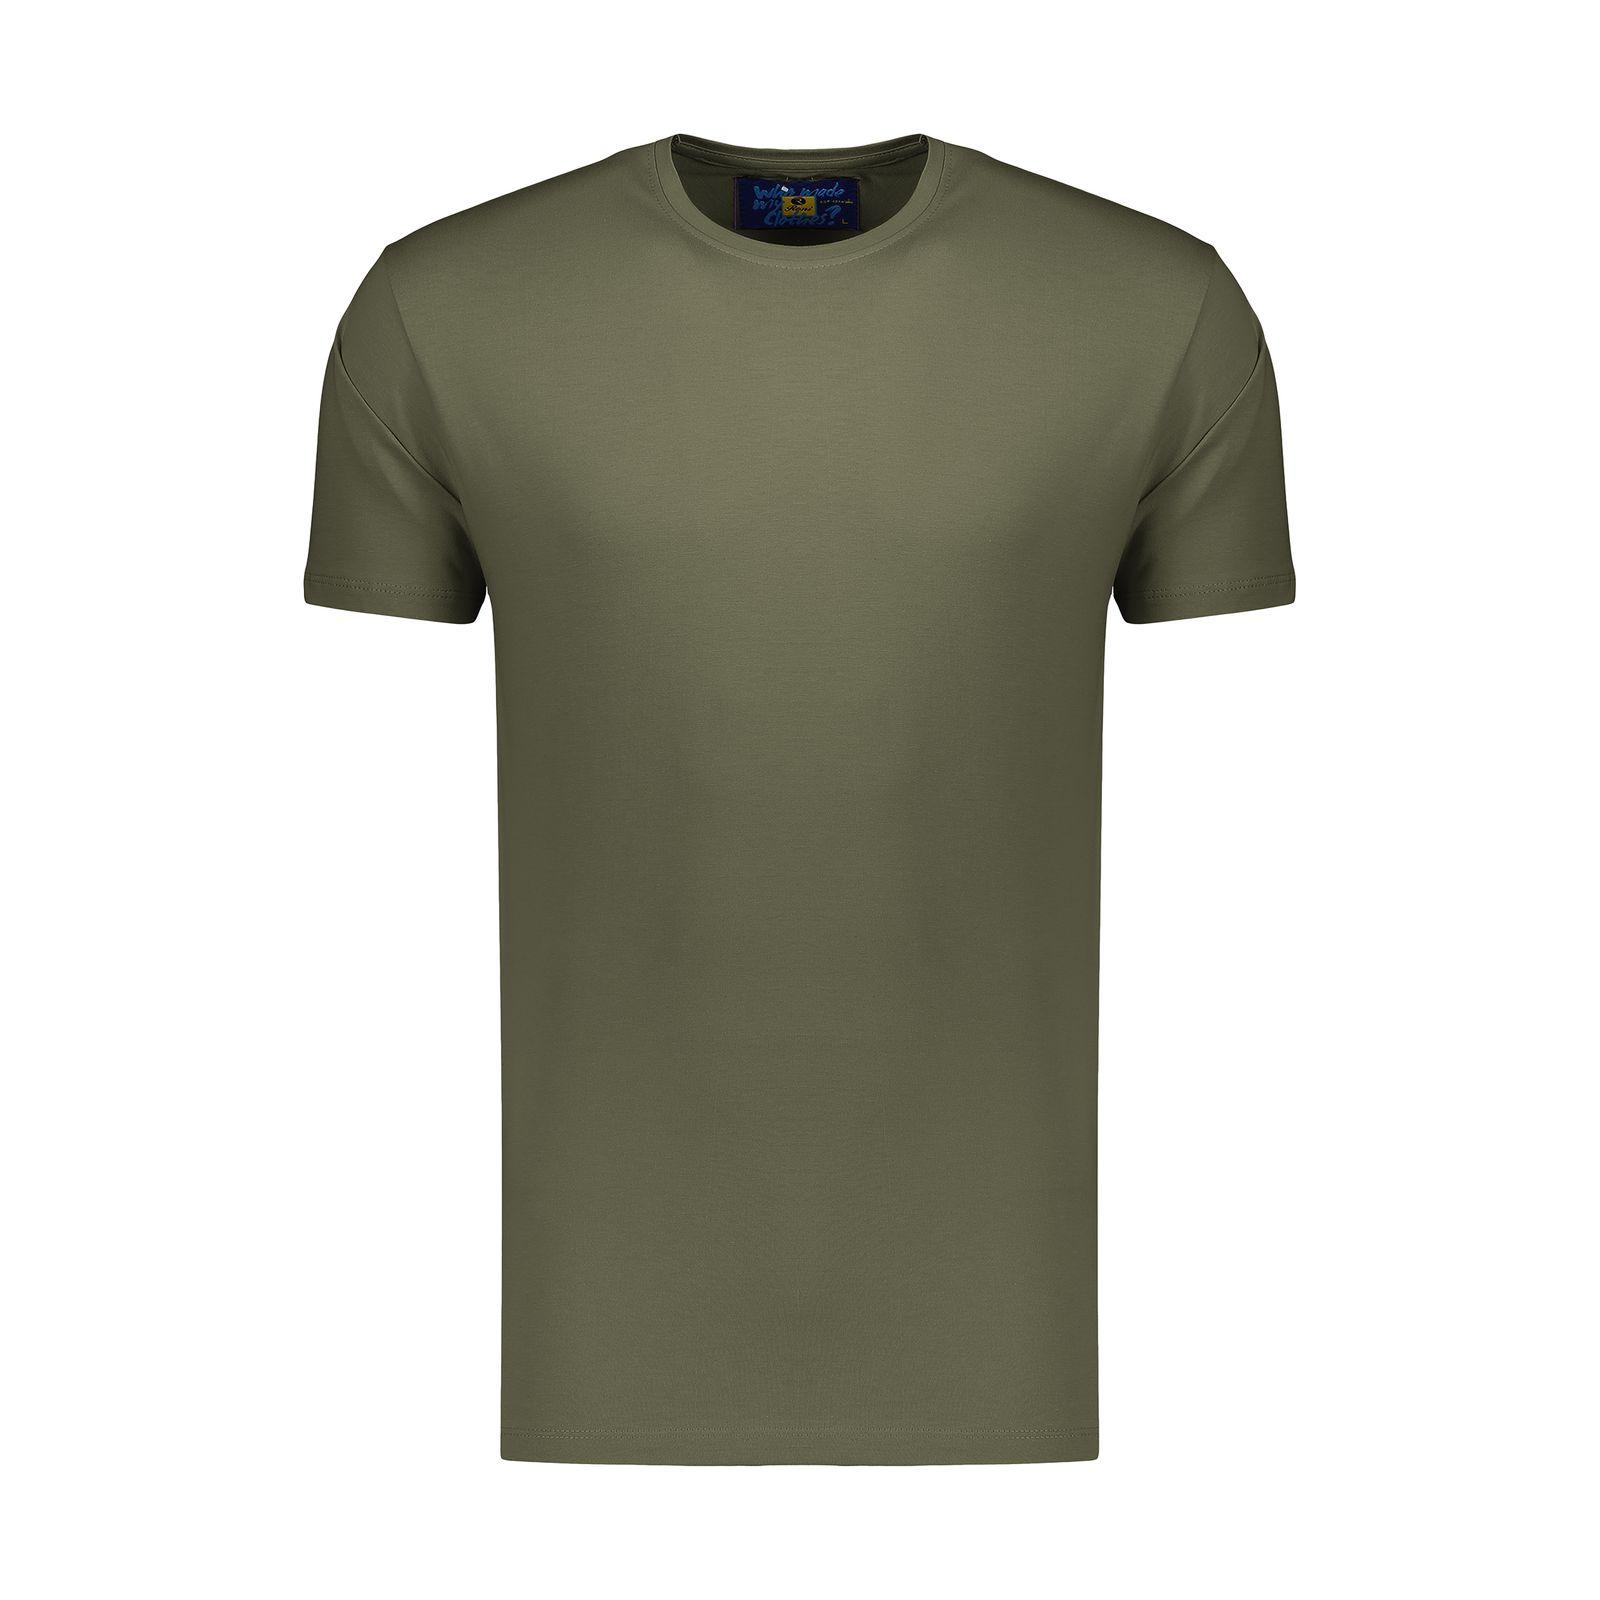 تیشرت مردانه رونی مدل 31110004-23 -  - 1